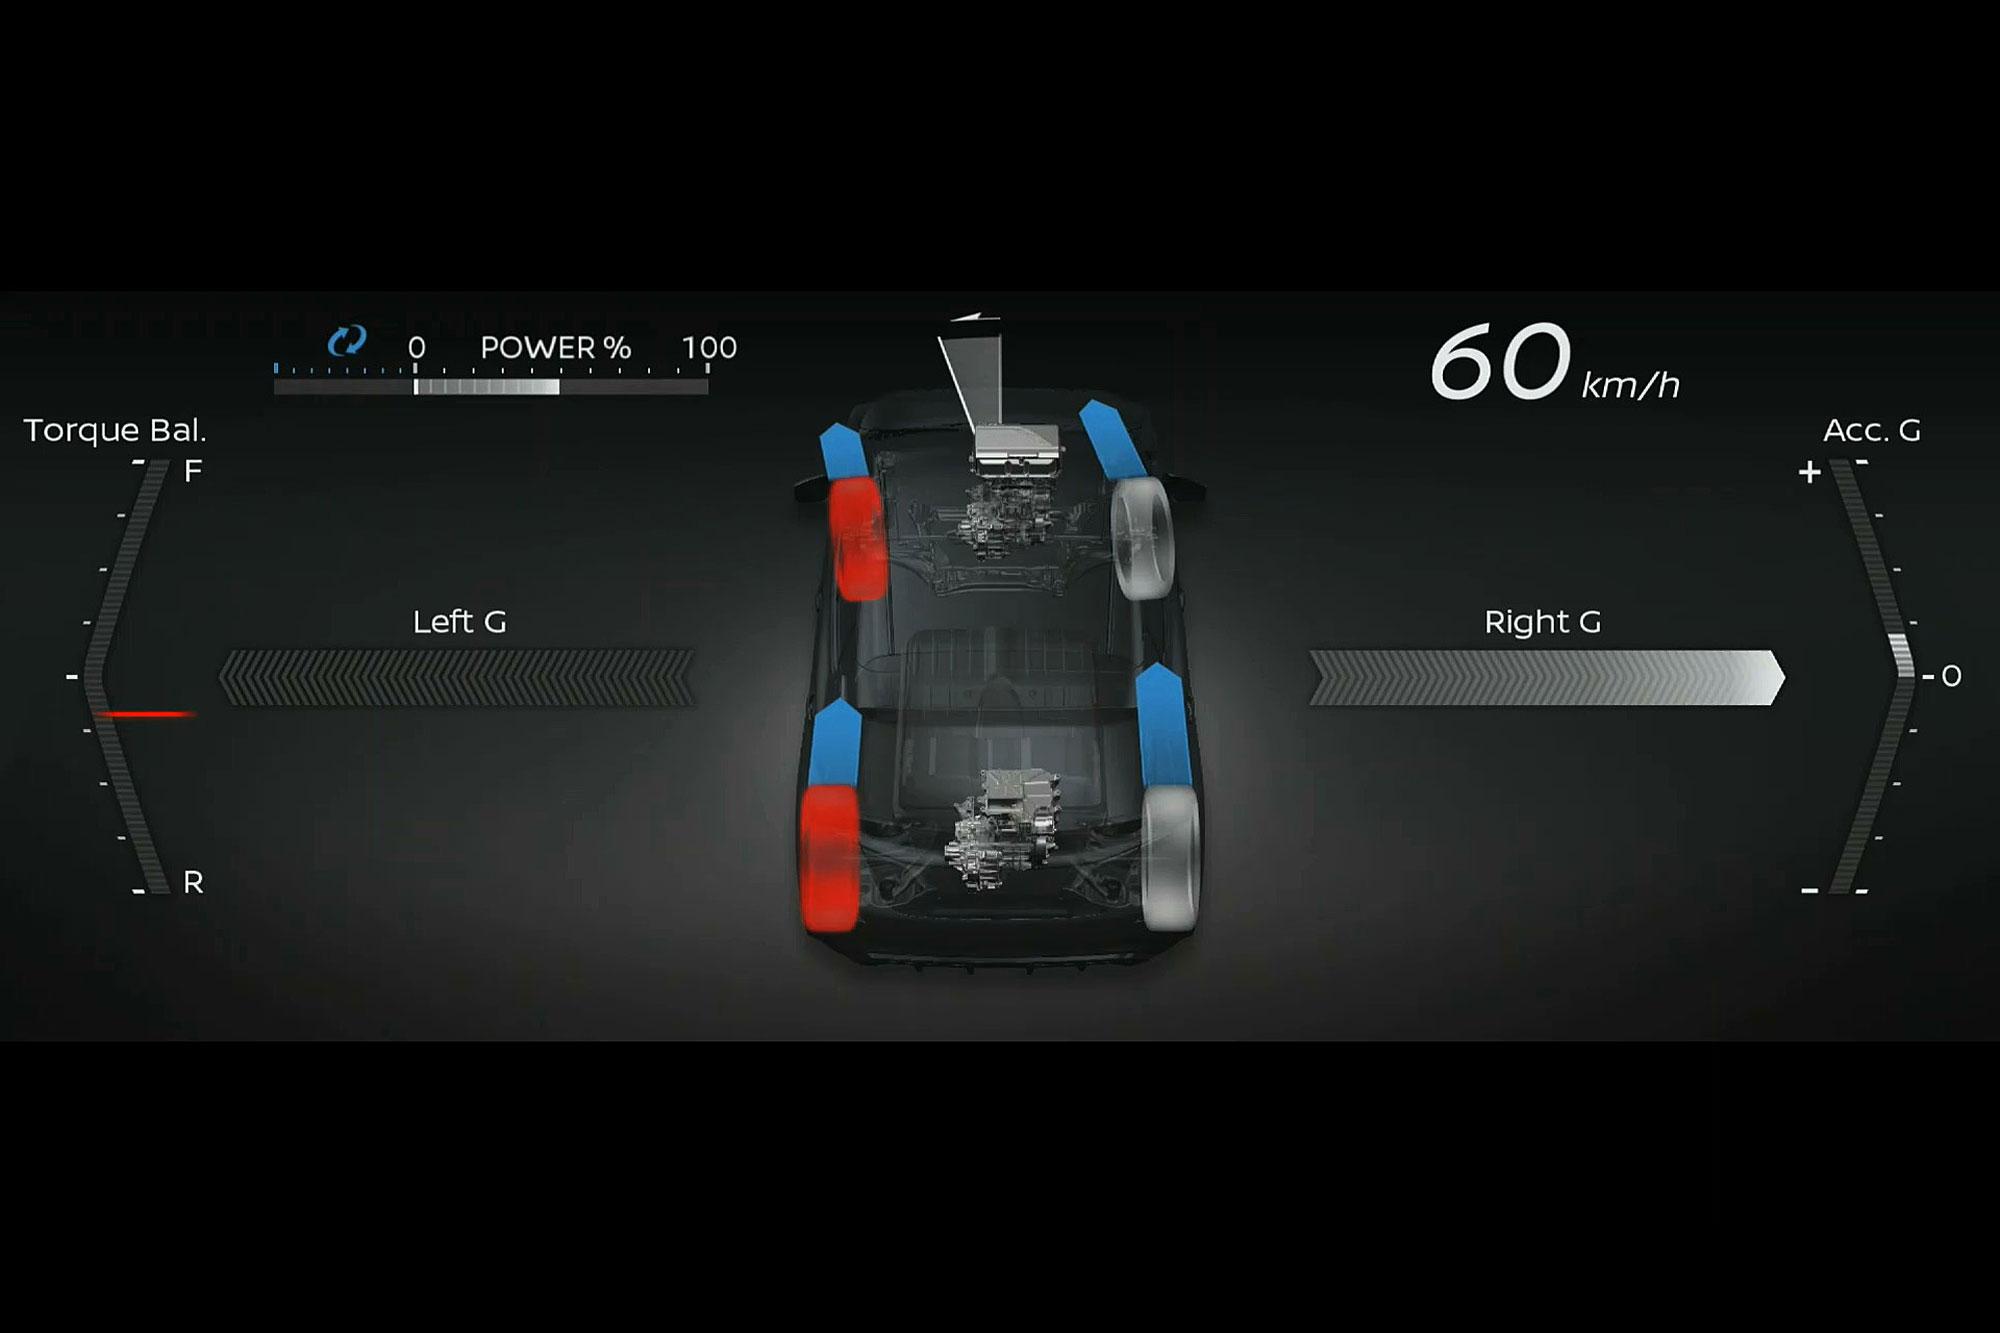 透過前後馬達的輸出與左右兩側的阻力分配,可為四輪提供不同的扭力。